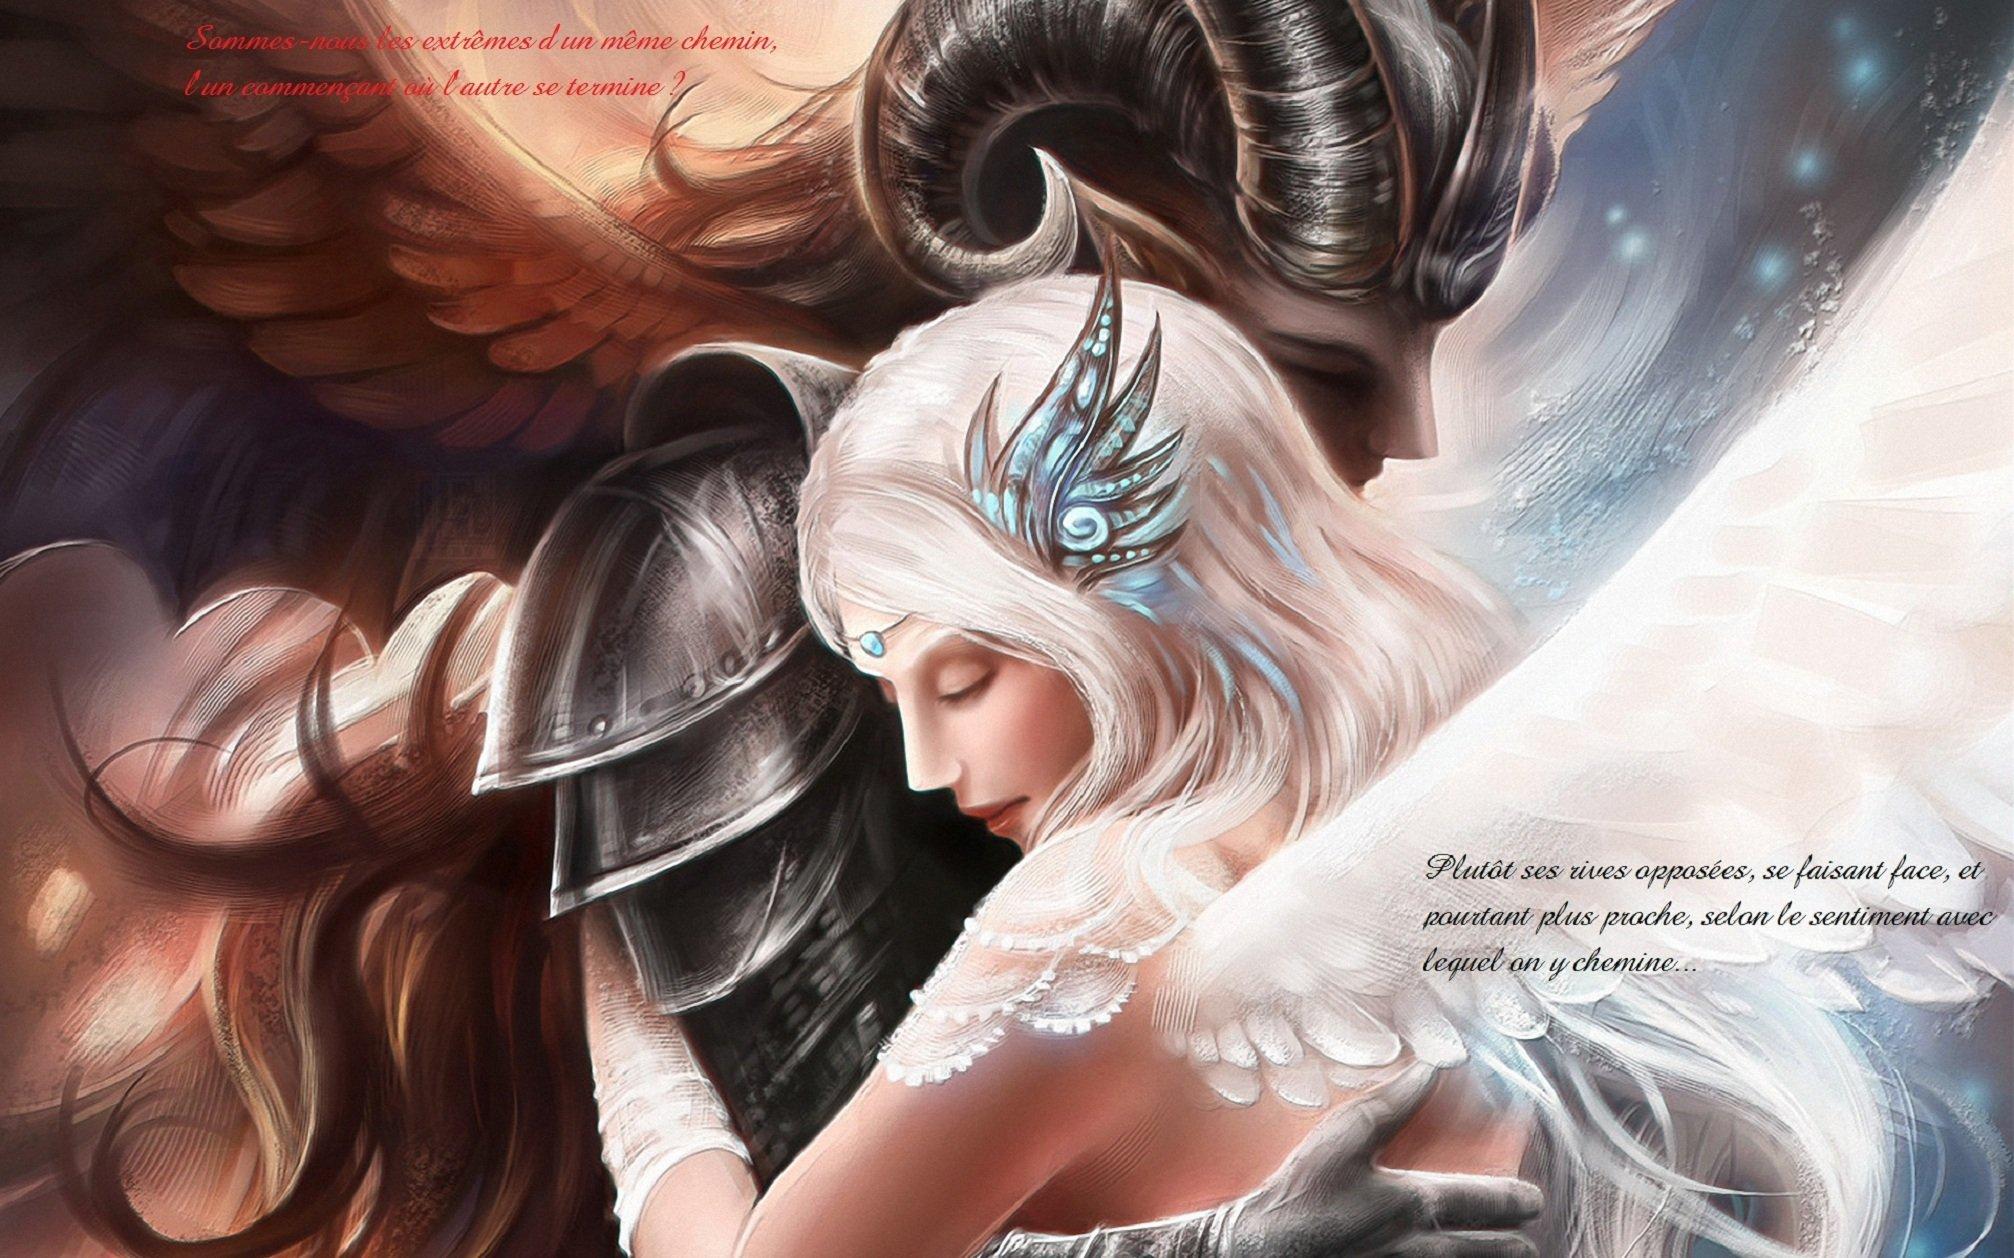 Картинка ангела и демона вместе девушки